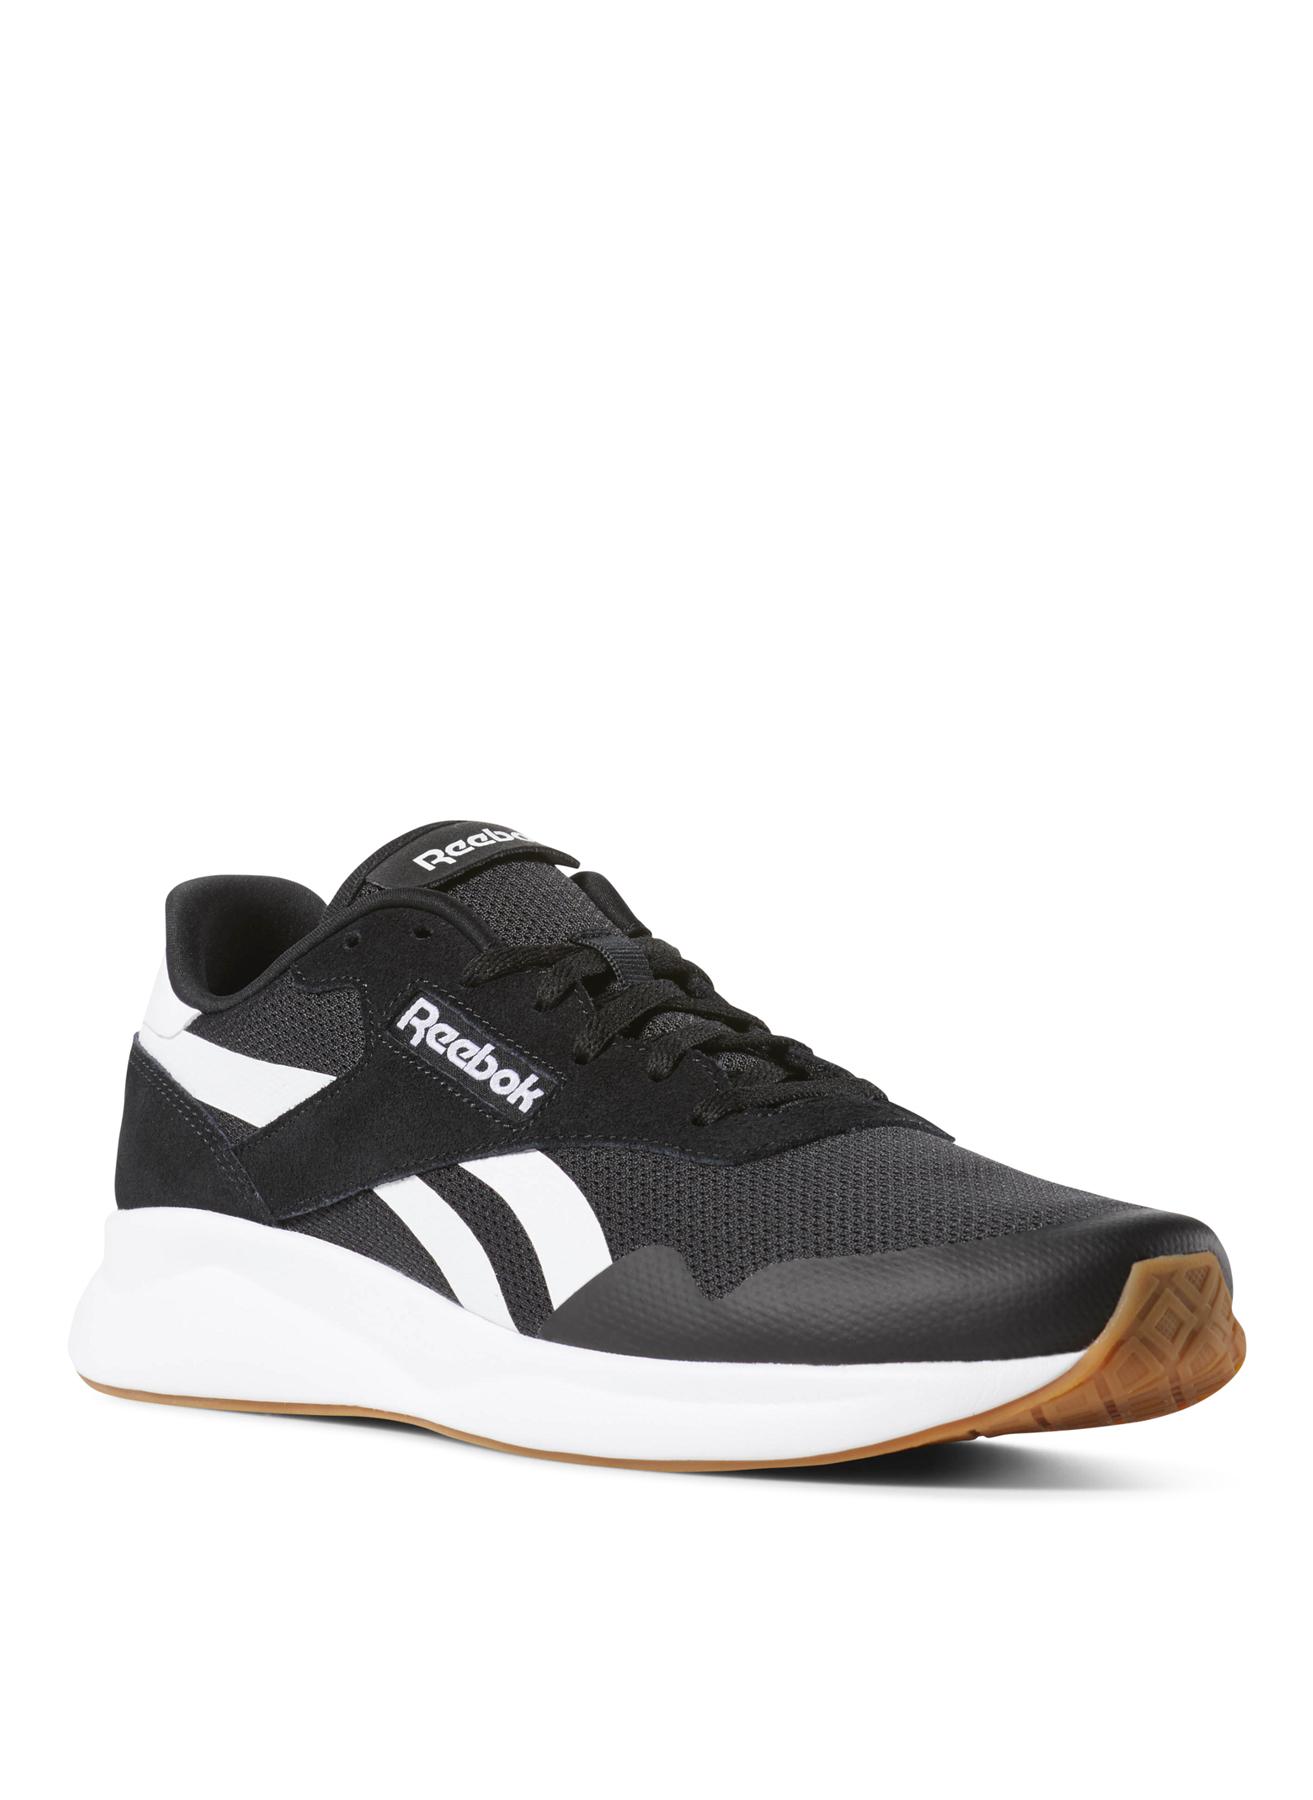 Reebok Lifestyle Ayakkabı 43 5002359649004 Ürün Resmi